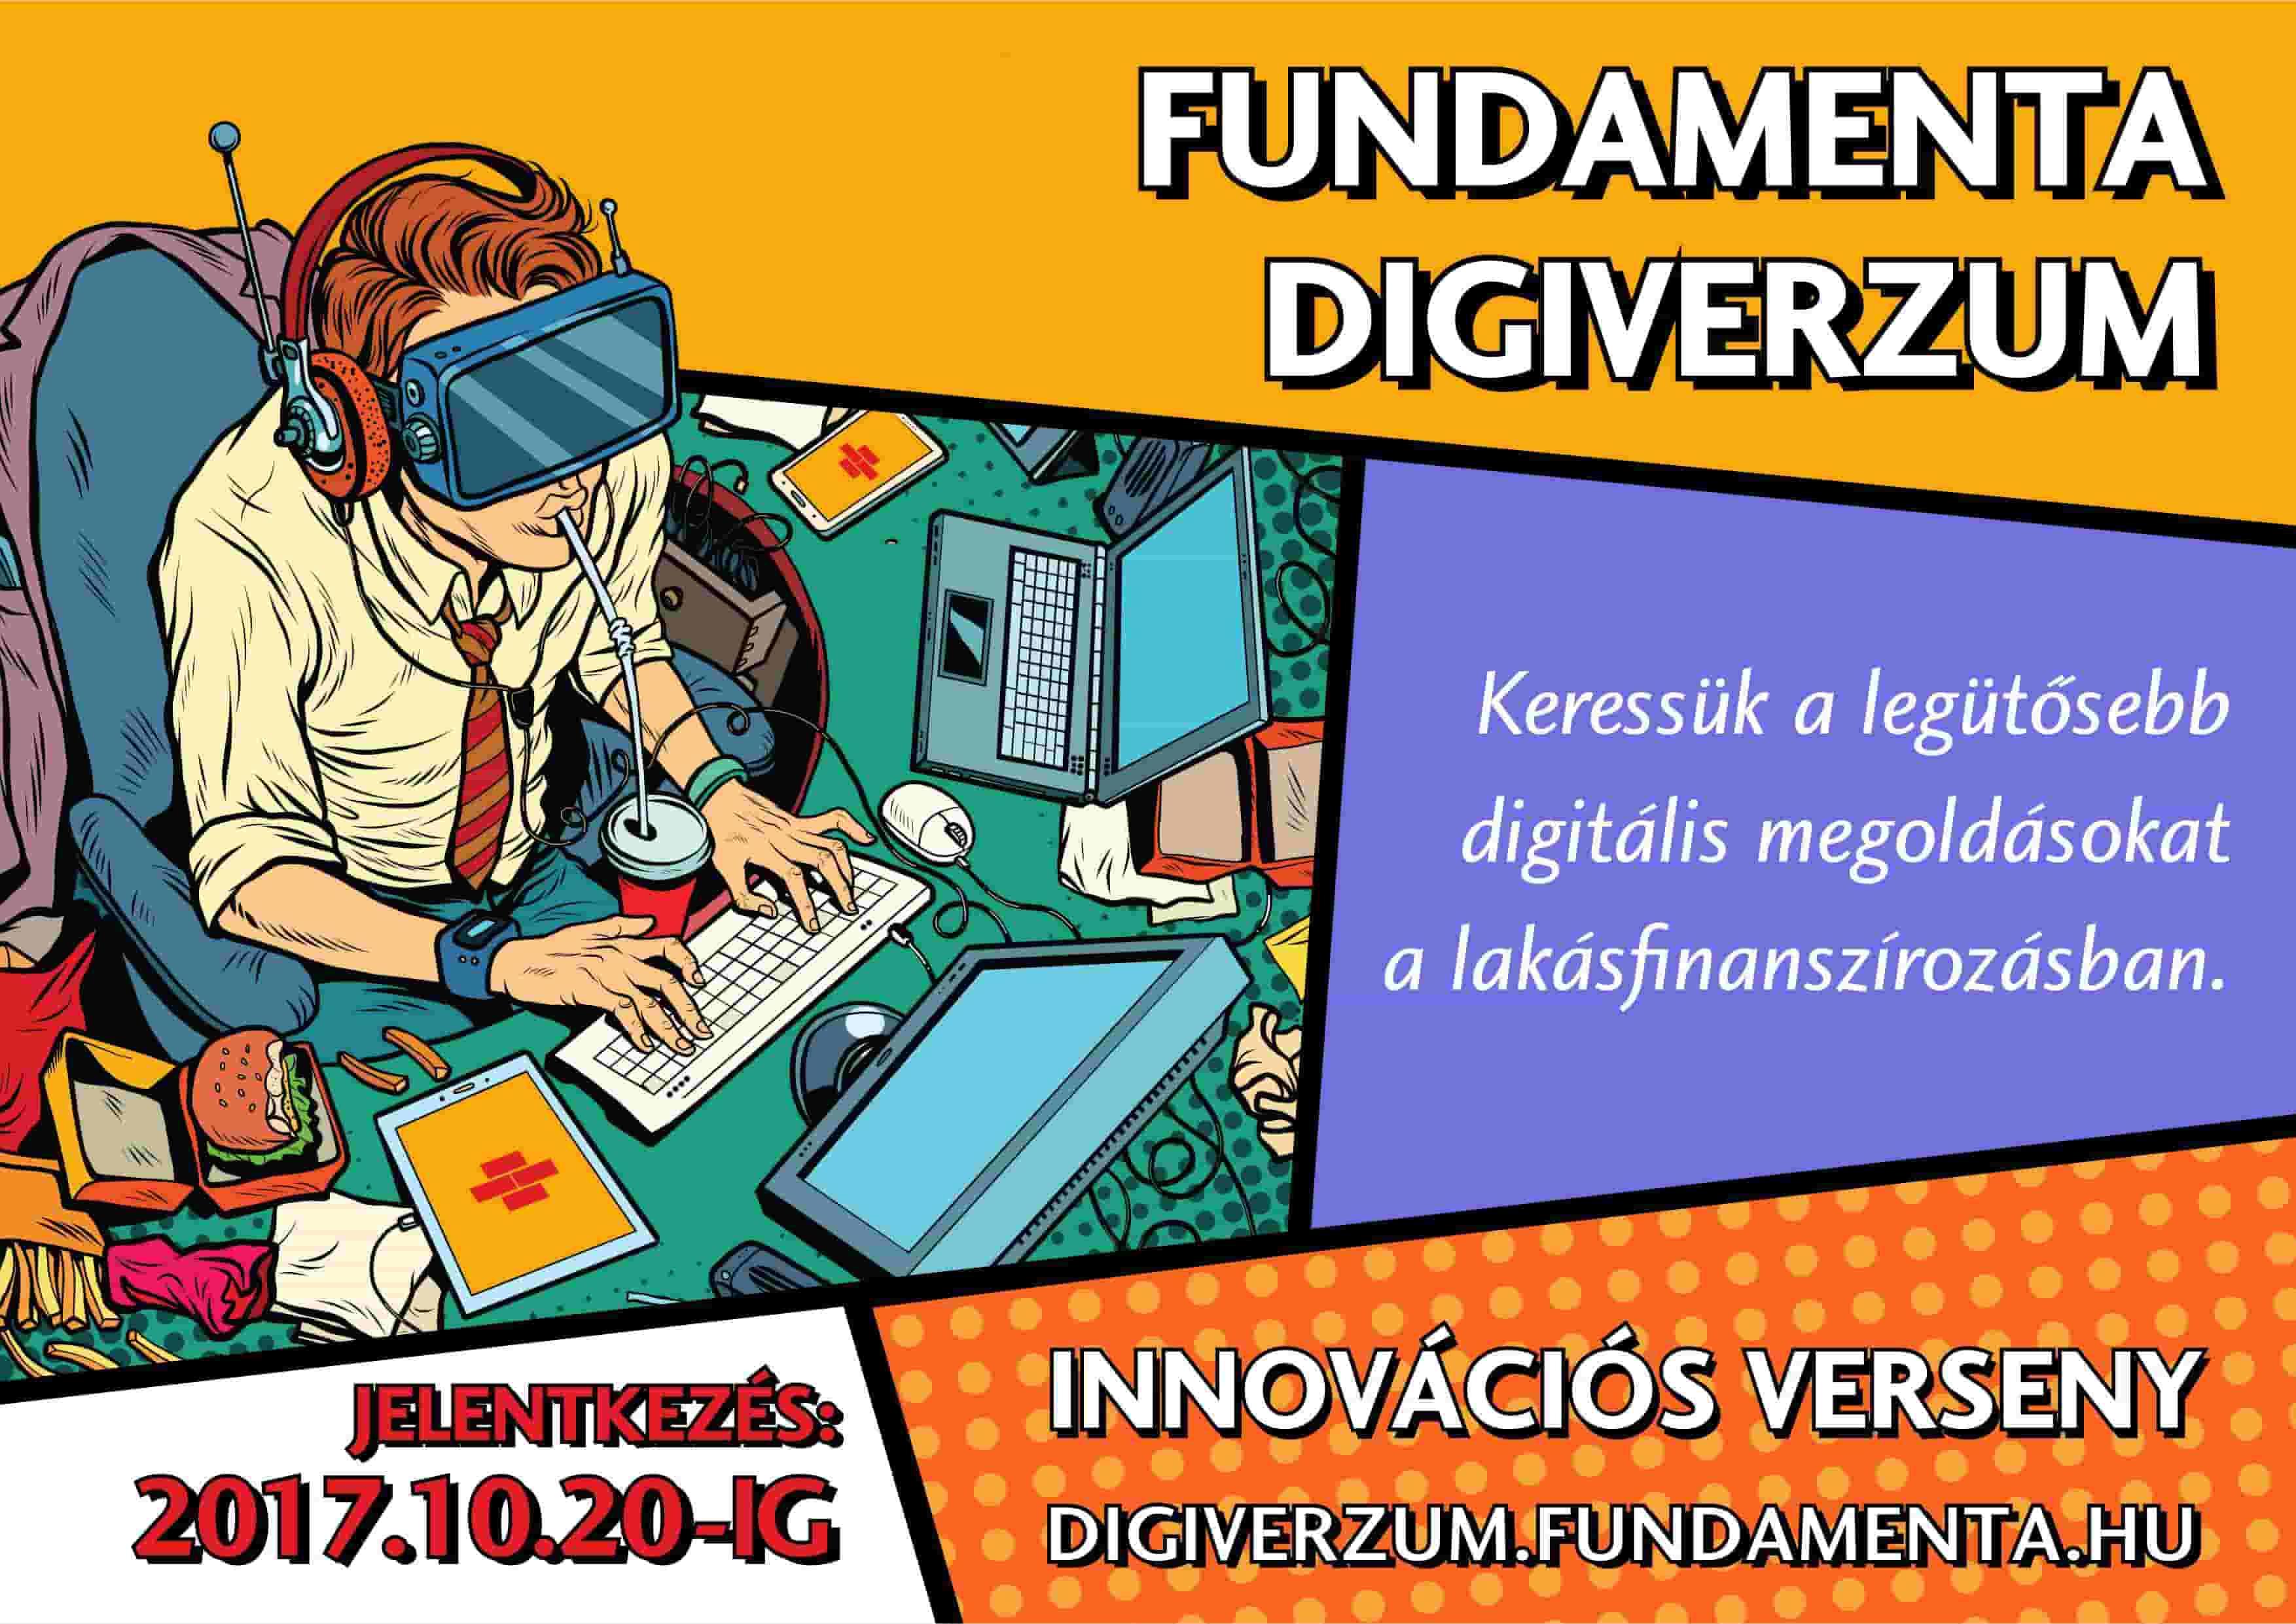 fundamenta-digitalis-plakat-1-min.jpg